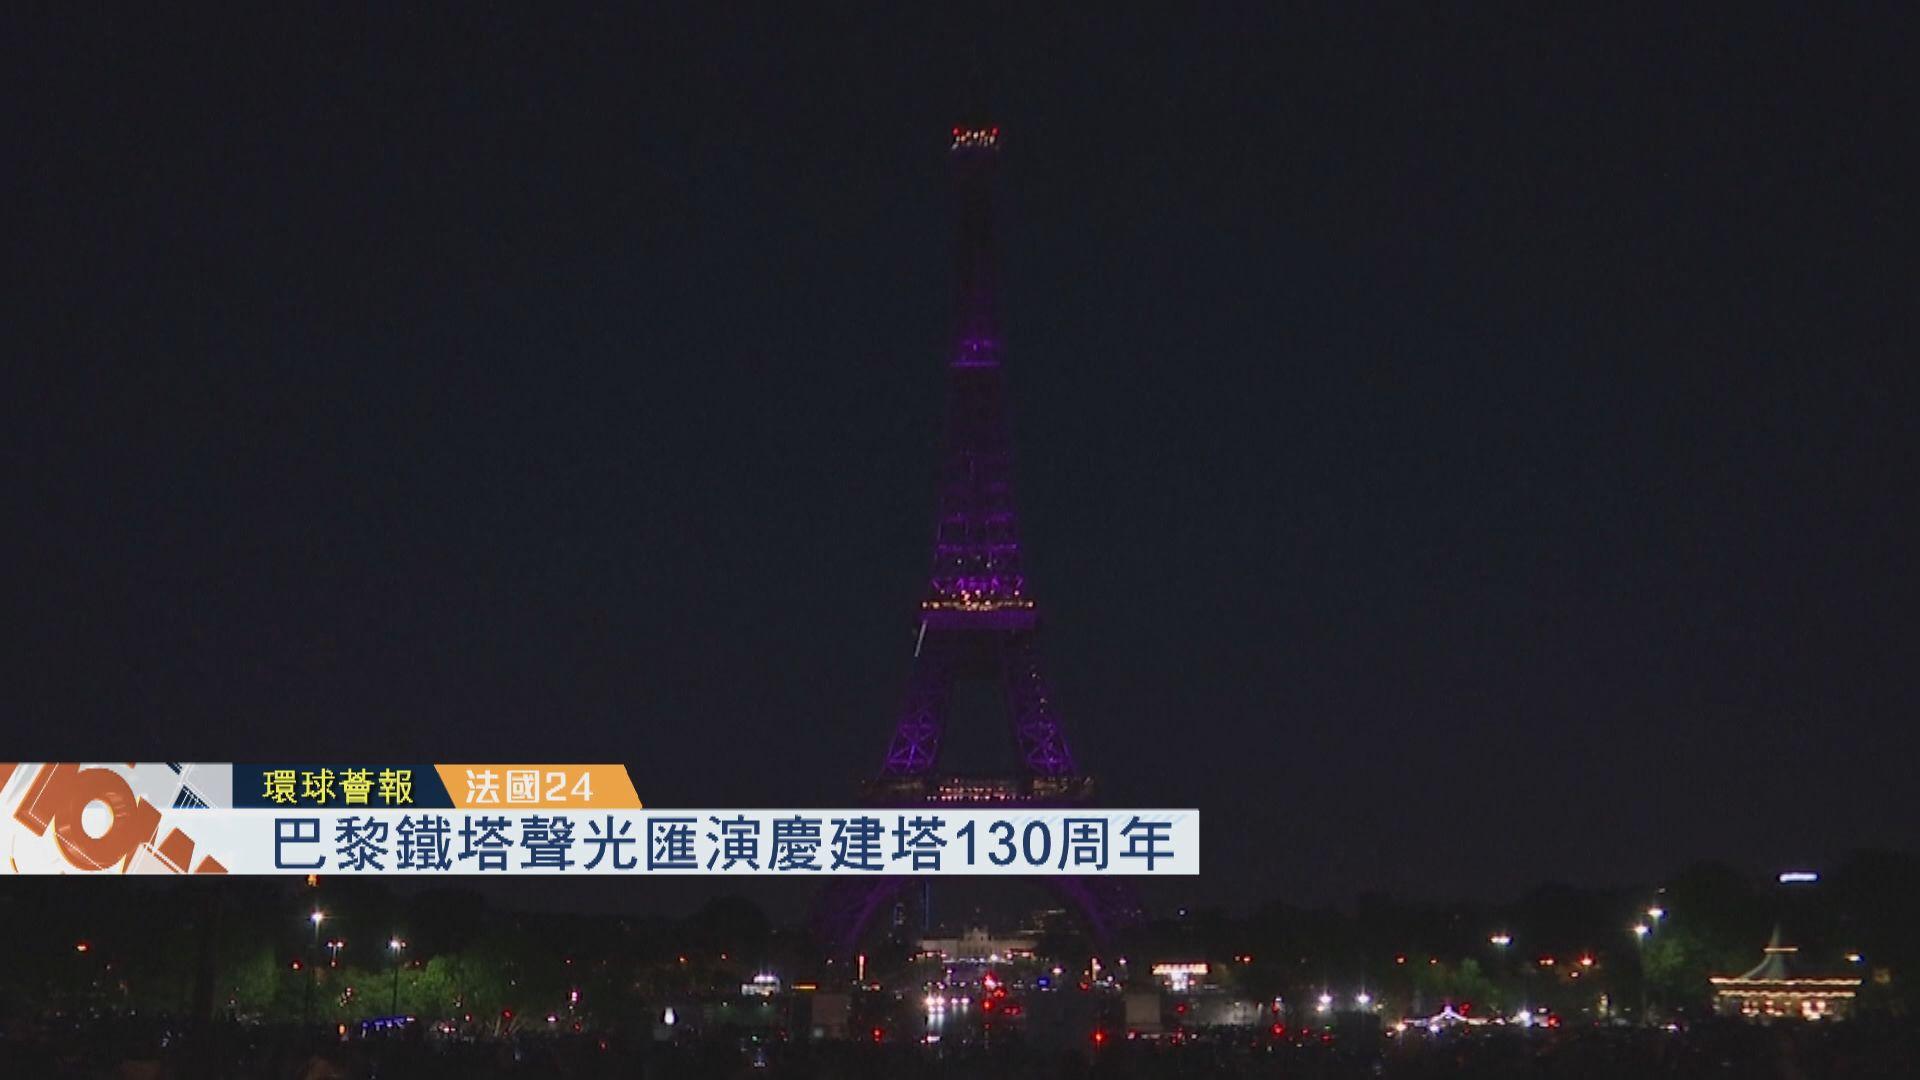 【環球薈報】巴黎鐵塔聲光匯演慶建塔130周年